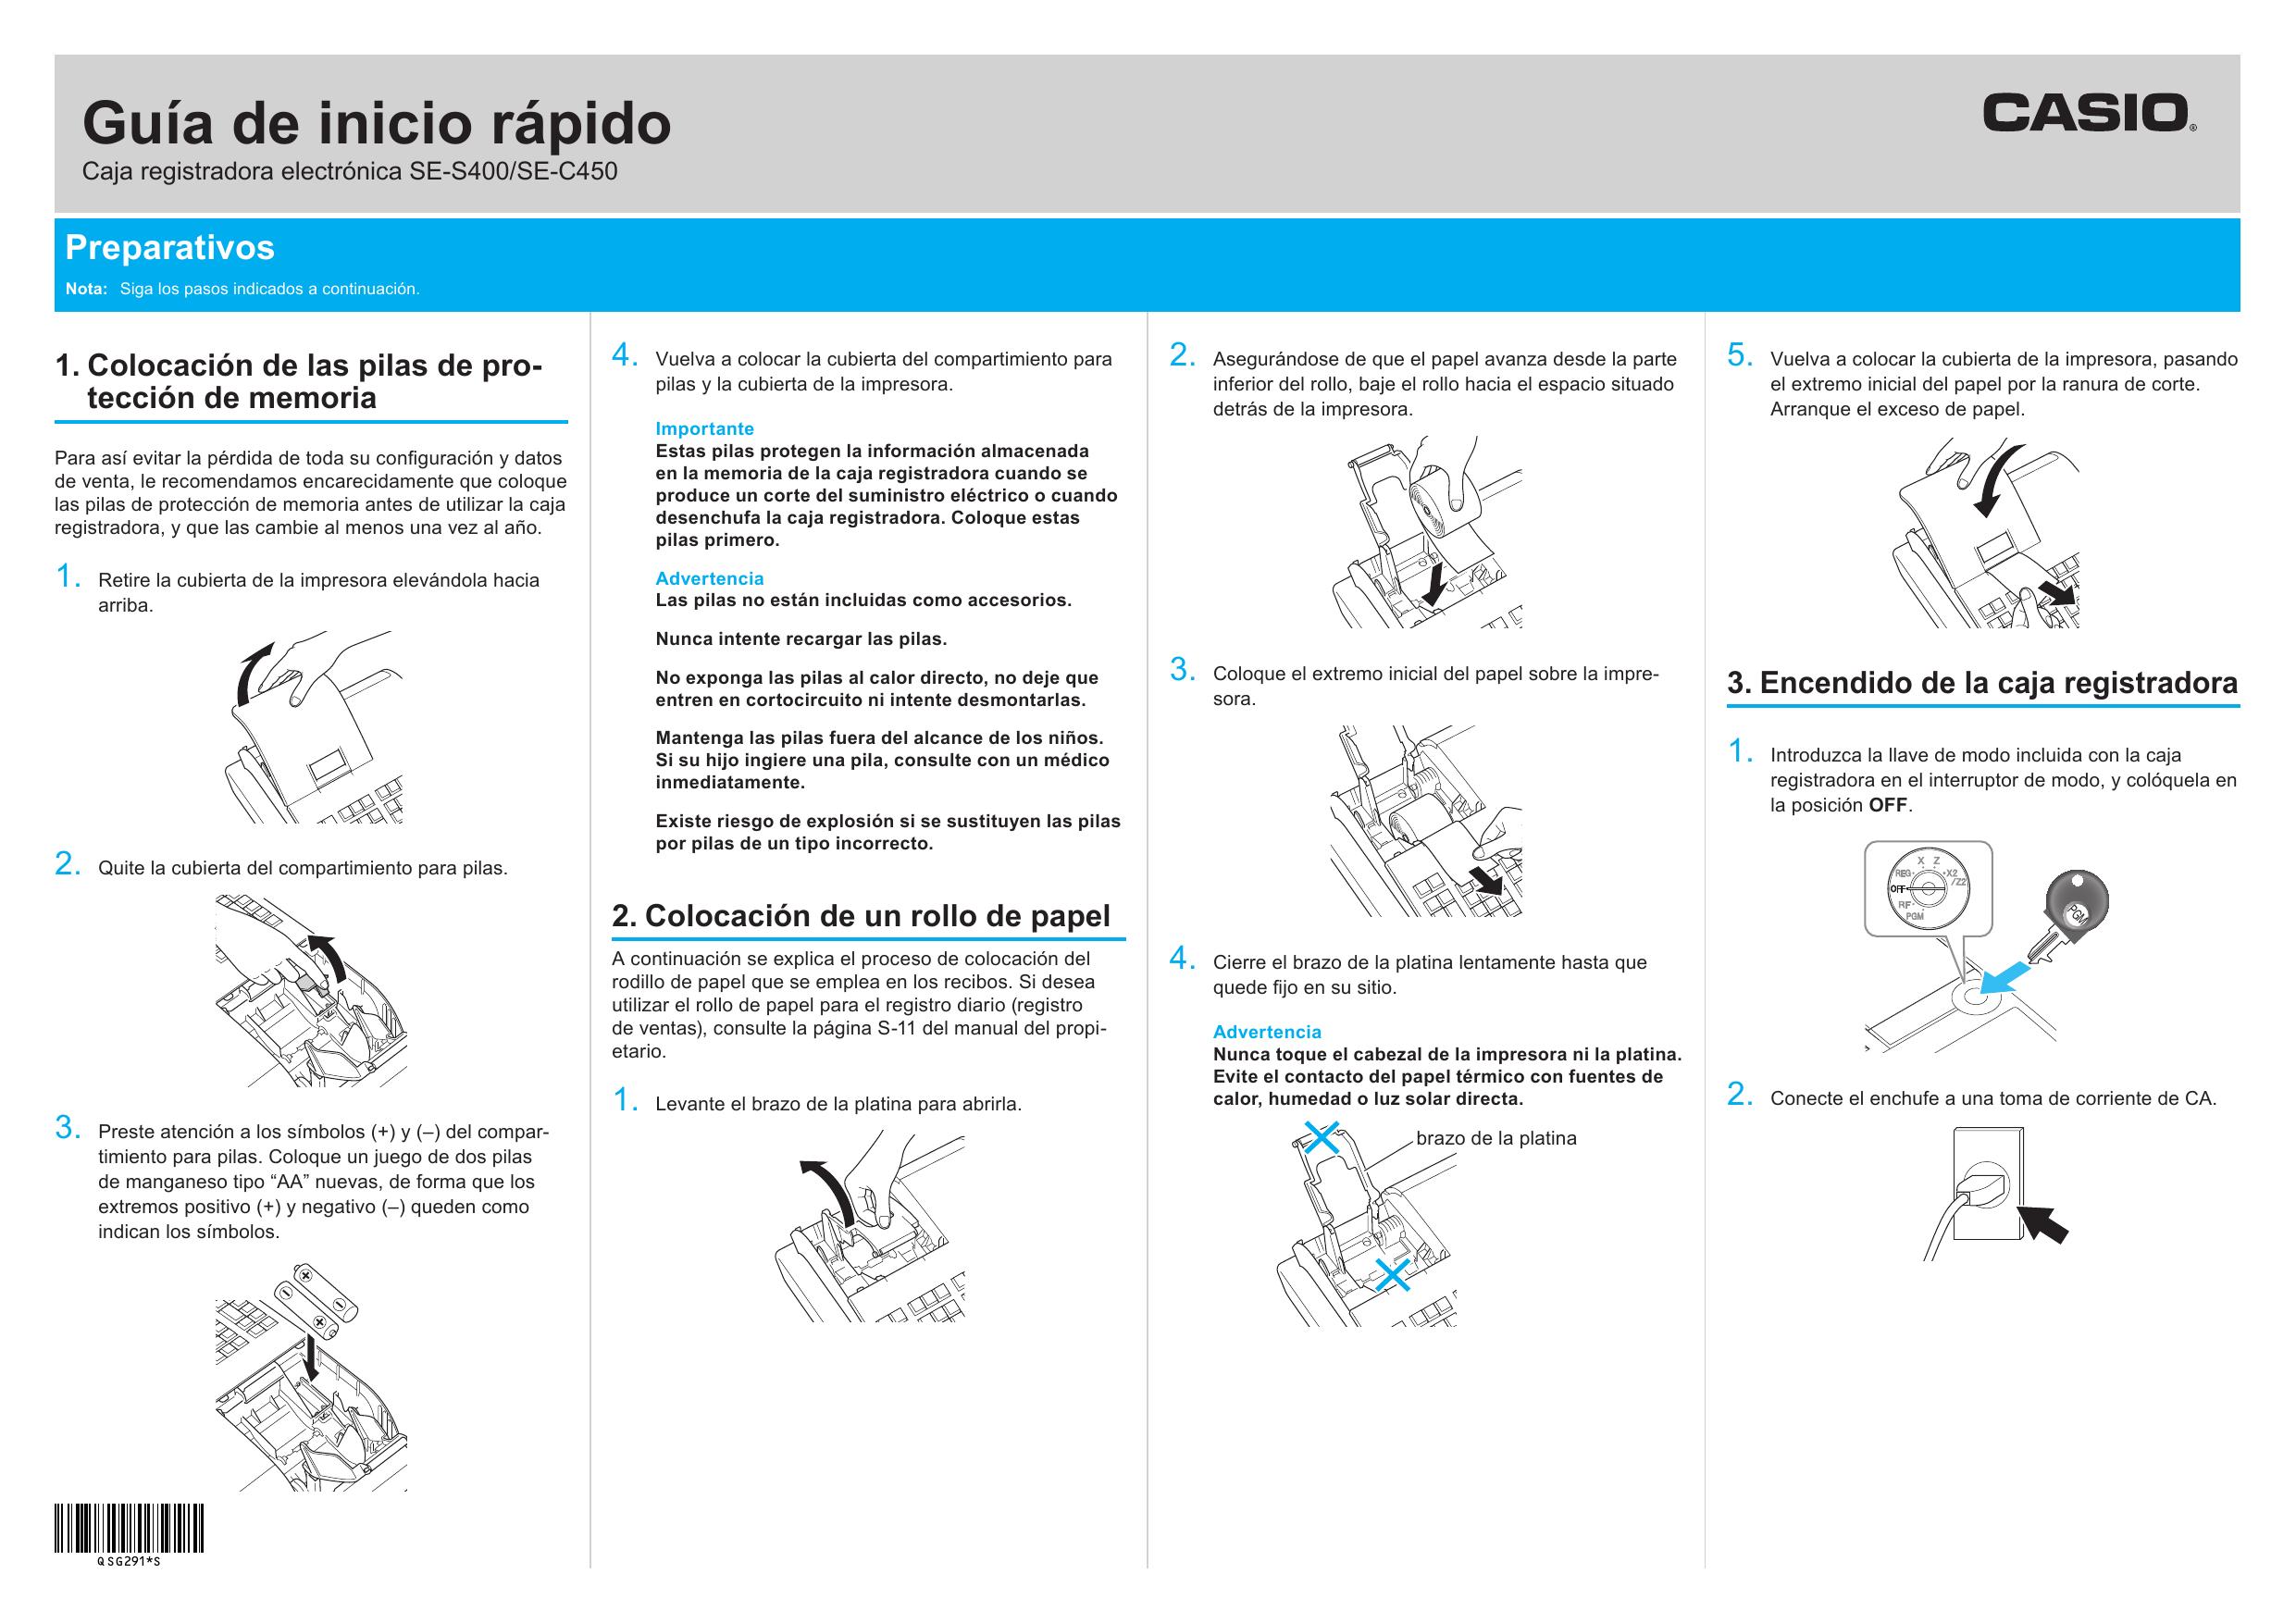 d149c2b5bb3d Casio SE-C450 Guía de inicio rápido